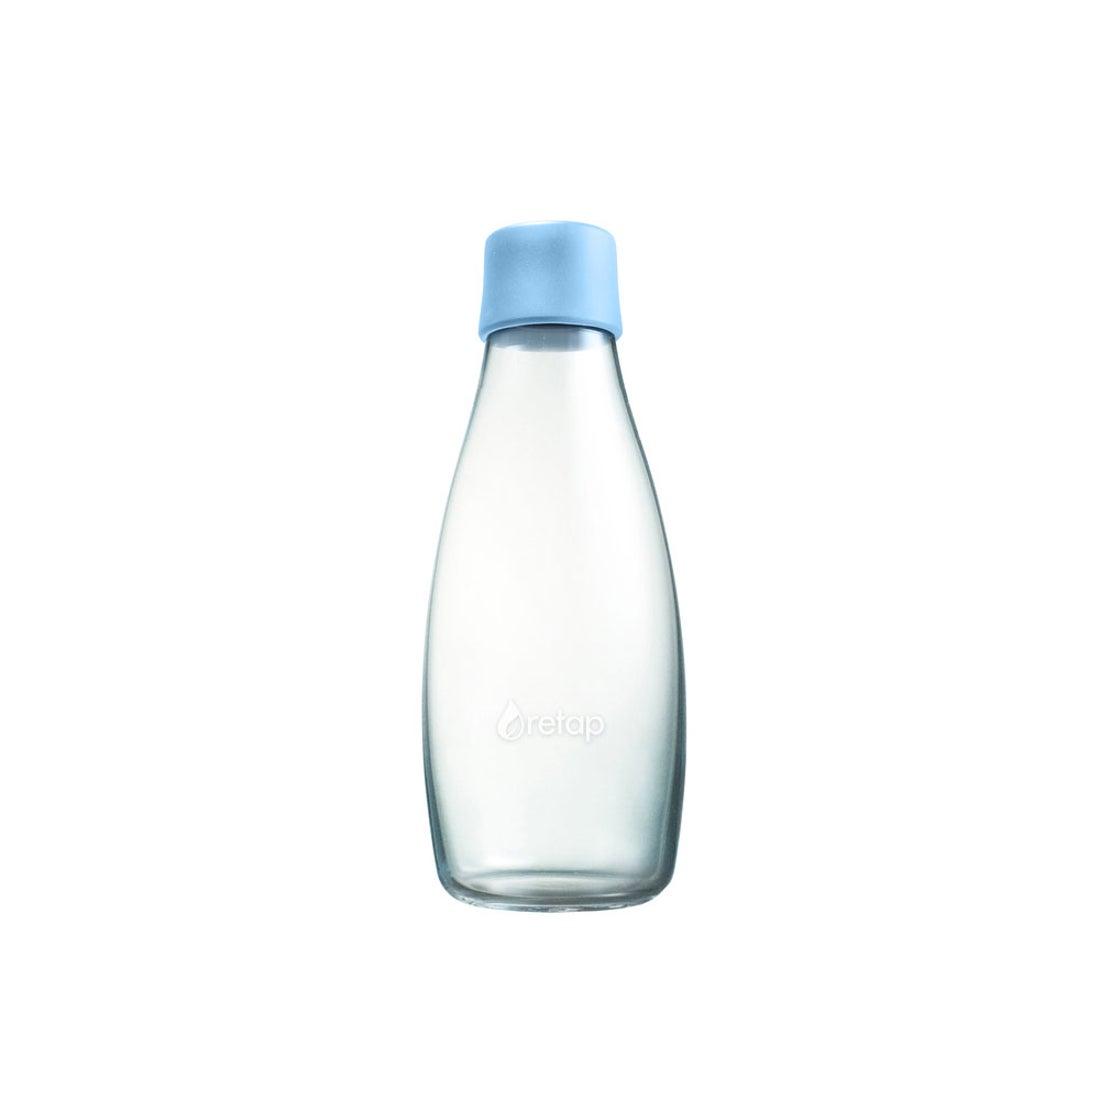 ノーブランド No Brand retapbottle05 リタップボトル 500ml (ベイビーブルー)